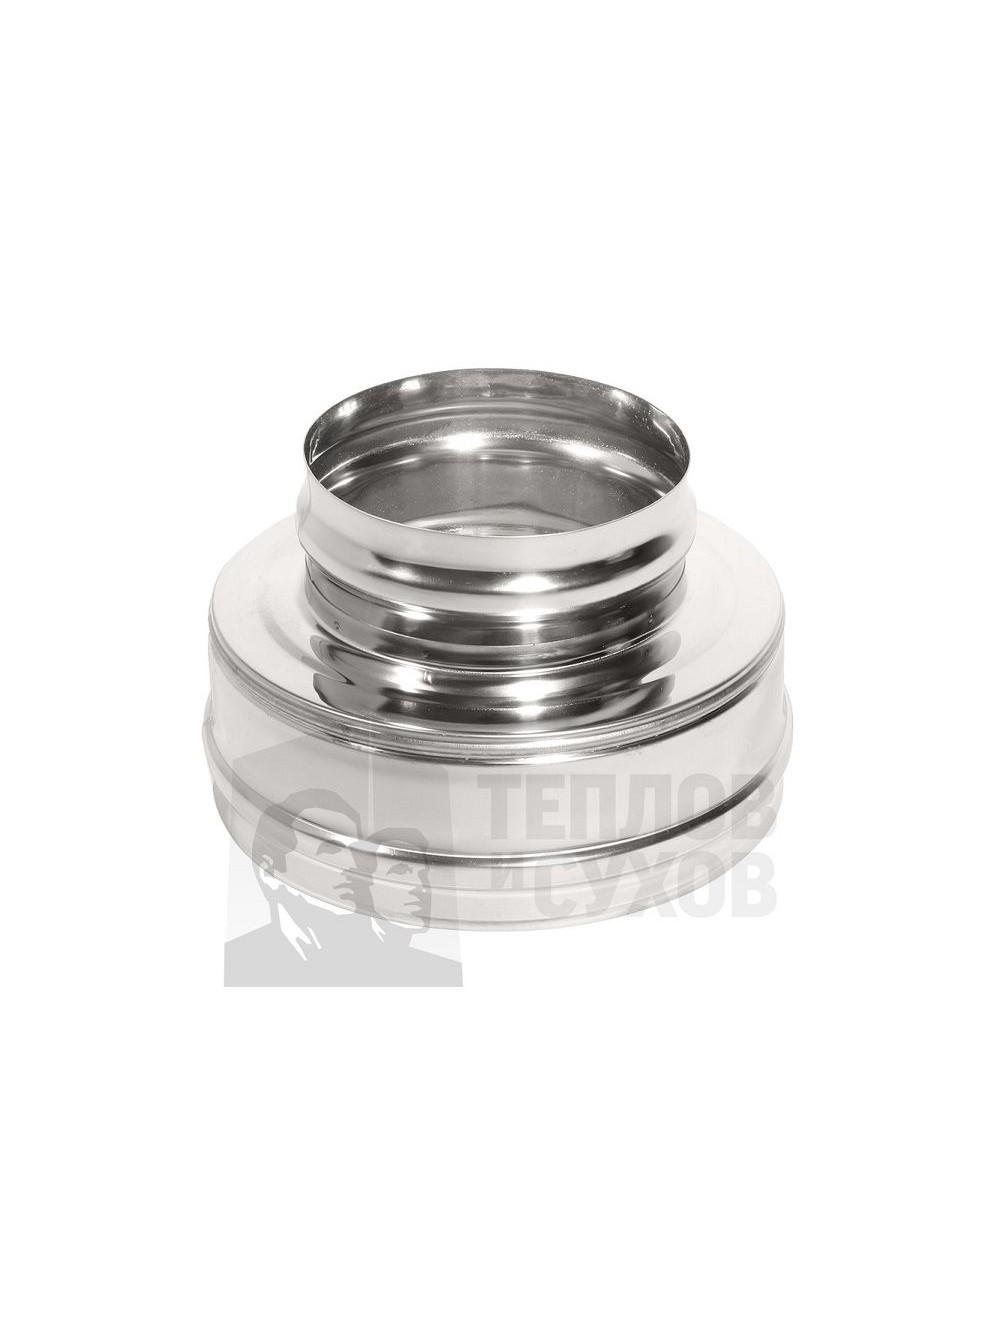 Конус Термо КТ-Р 430-0.5/430 D150/210 М -ТФ